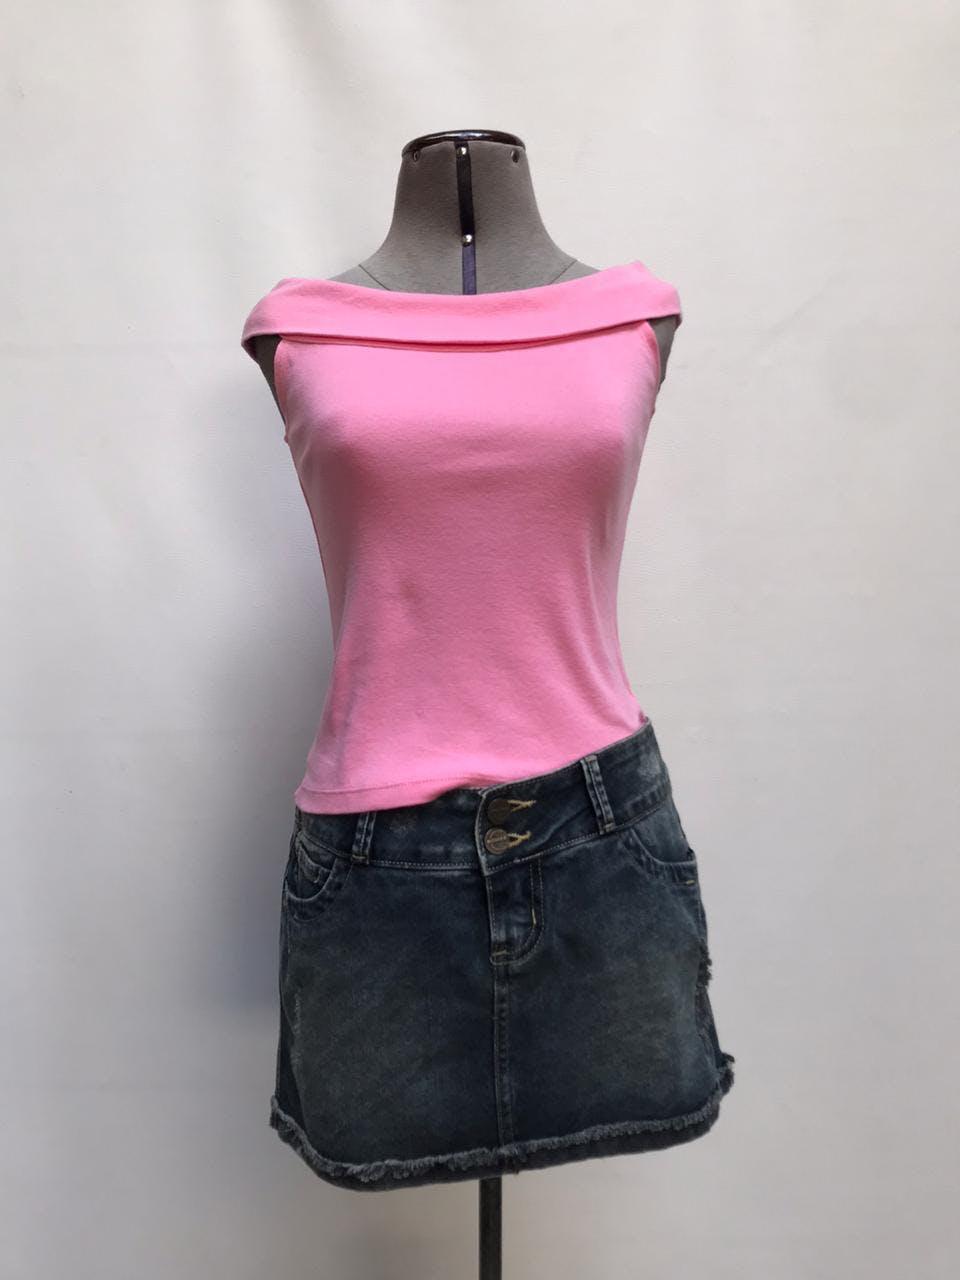 Falda mini de denim Pioner  a la cintura, color gris con detalle razgado y bolsillo delanteros Talla M